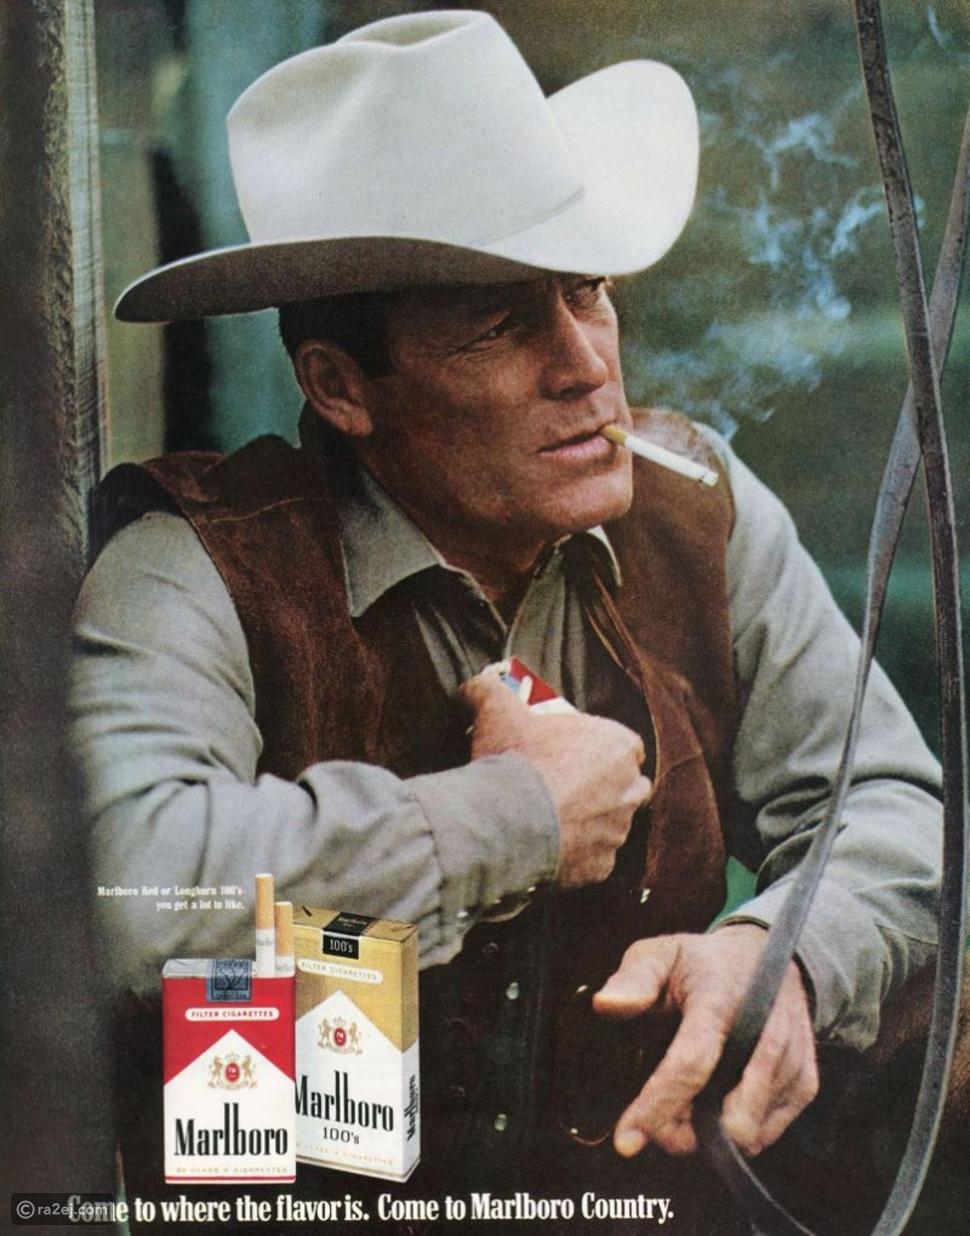 سر عدم تدخين بطل إعلانات السجائر الأشهر في العالم